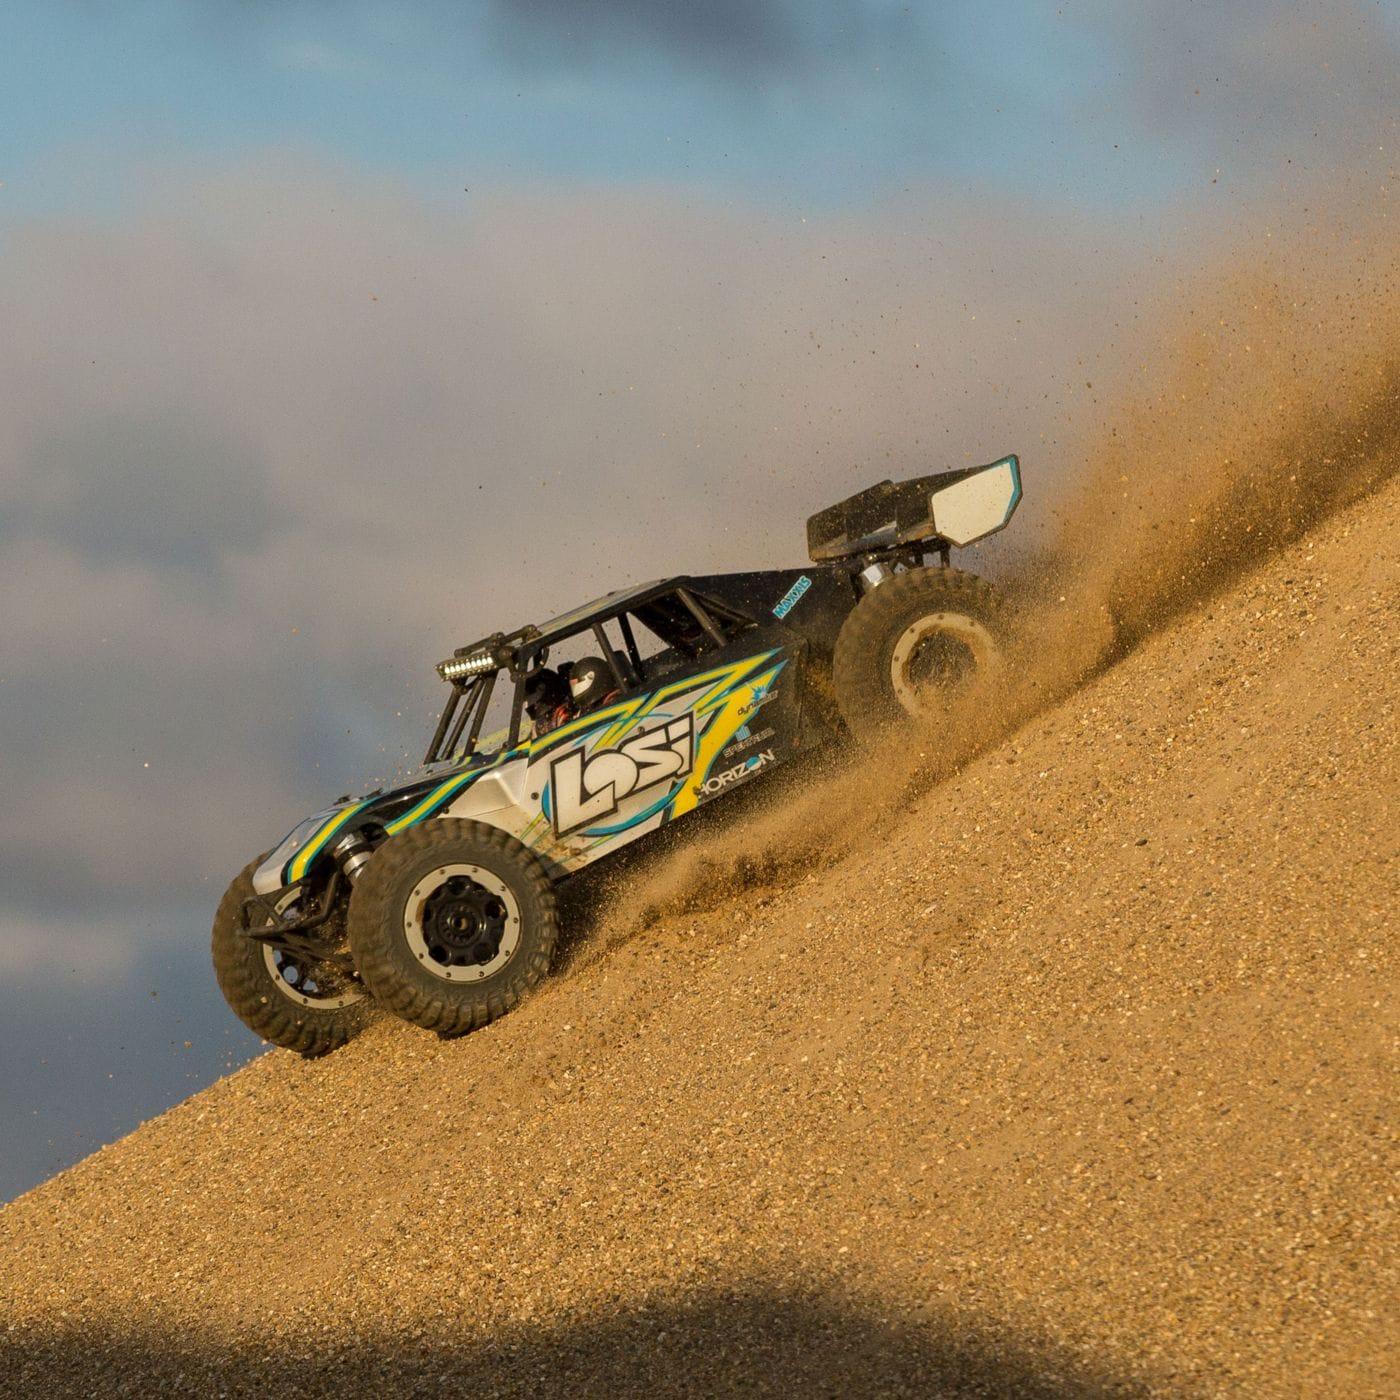 Losi Desert Buggy XL-E - Action